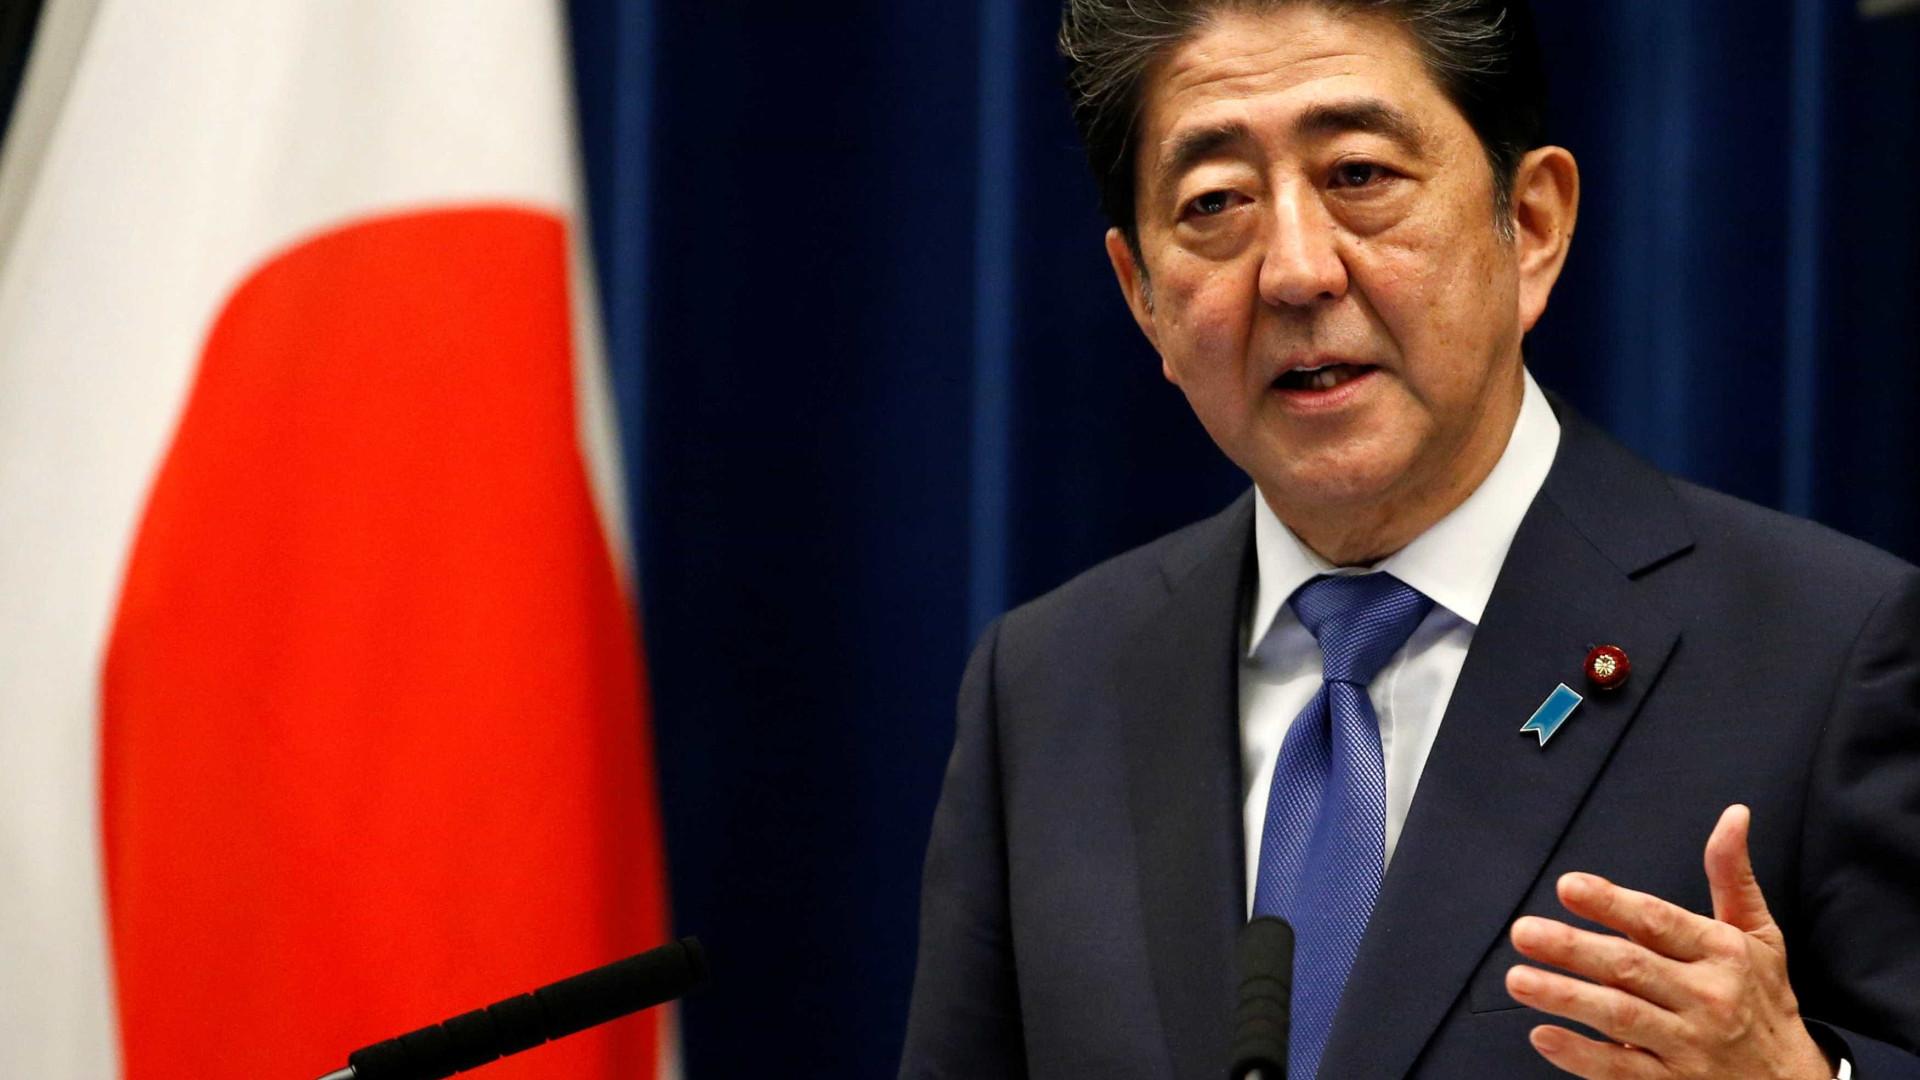 Primeiro-ministro do Japão faz visita histórica ao Irã